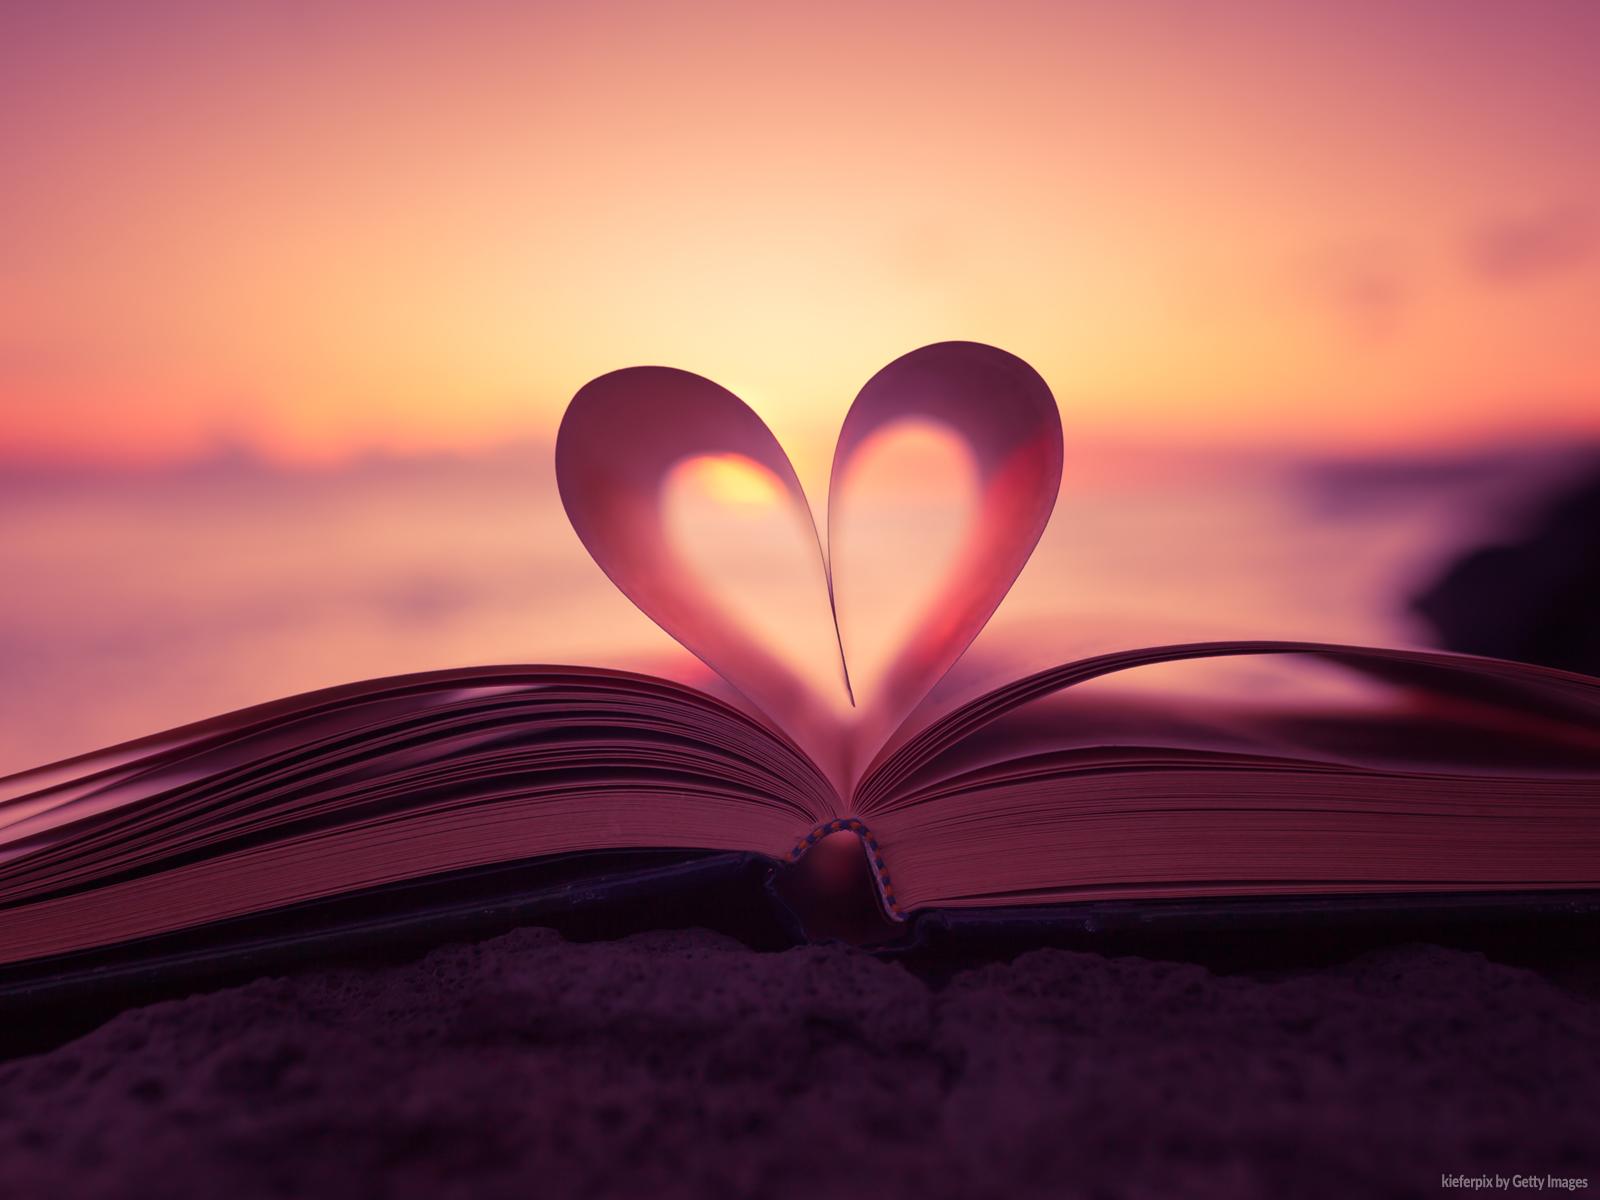 No amor, Deus encontrou um jeito de assemelhar nosso coração ao d'Ele